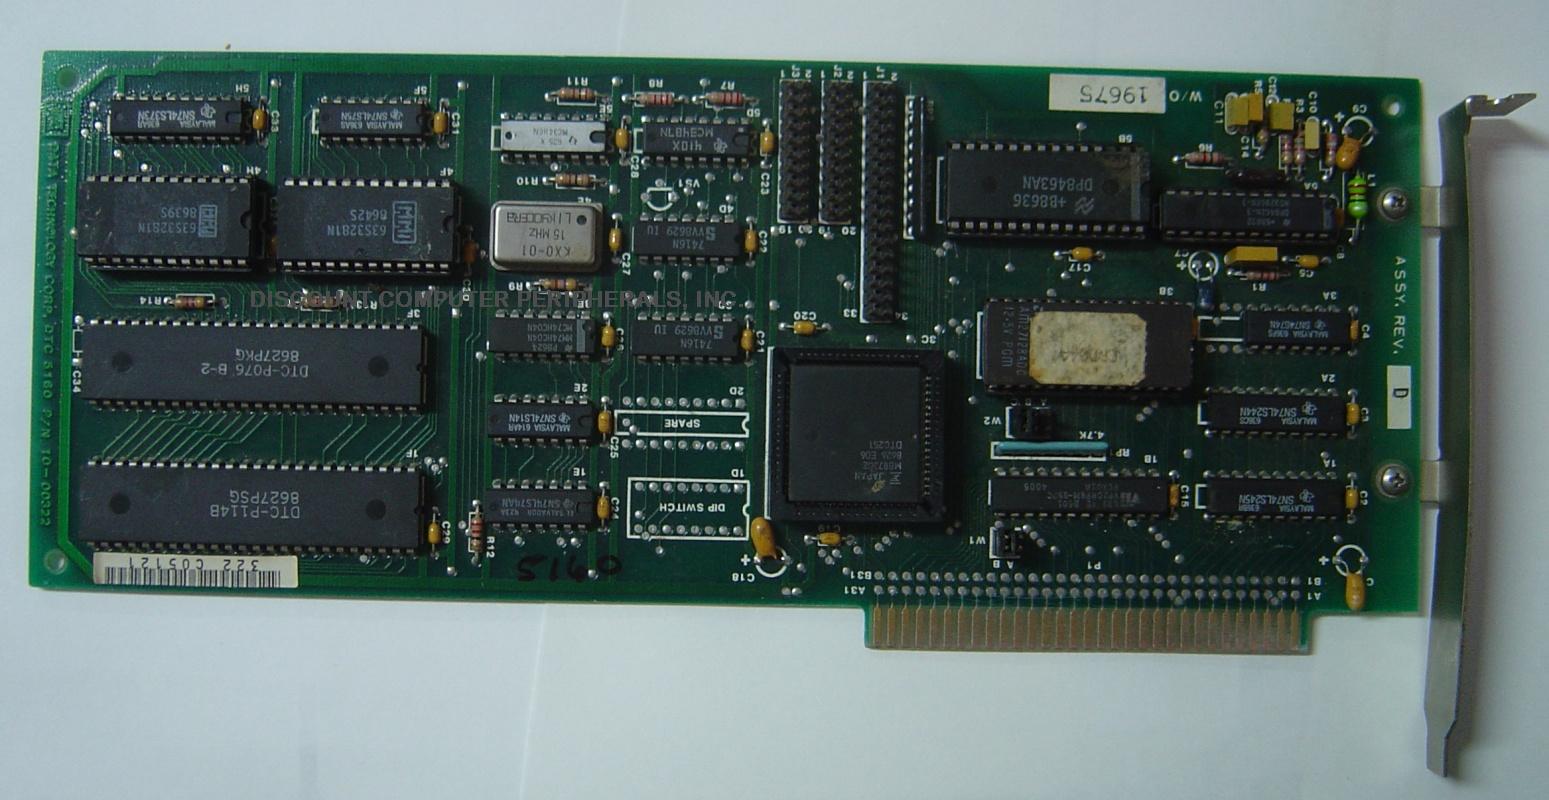 Dtc 5160